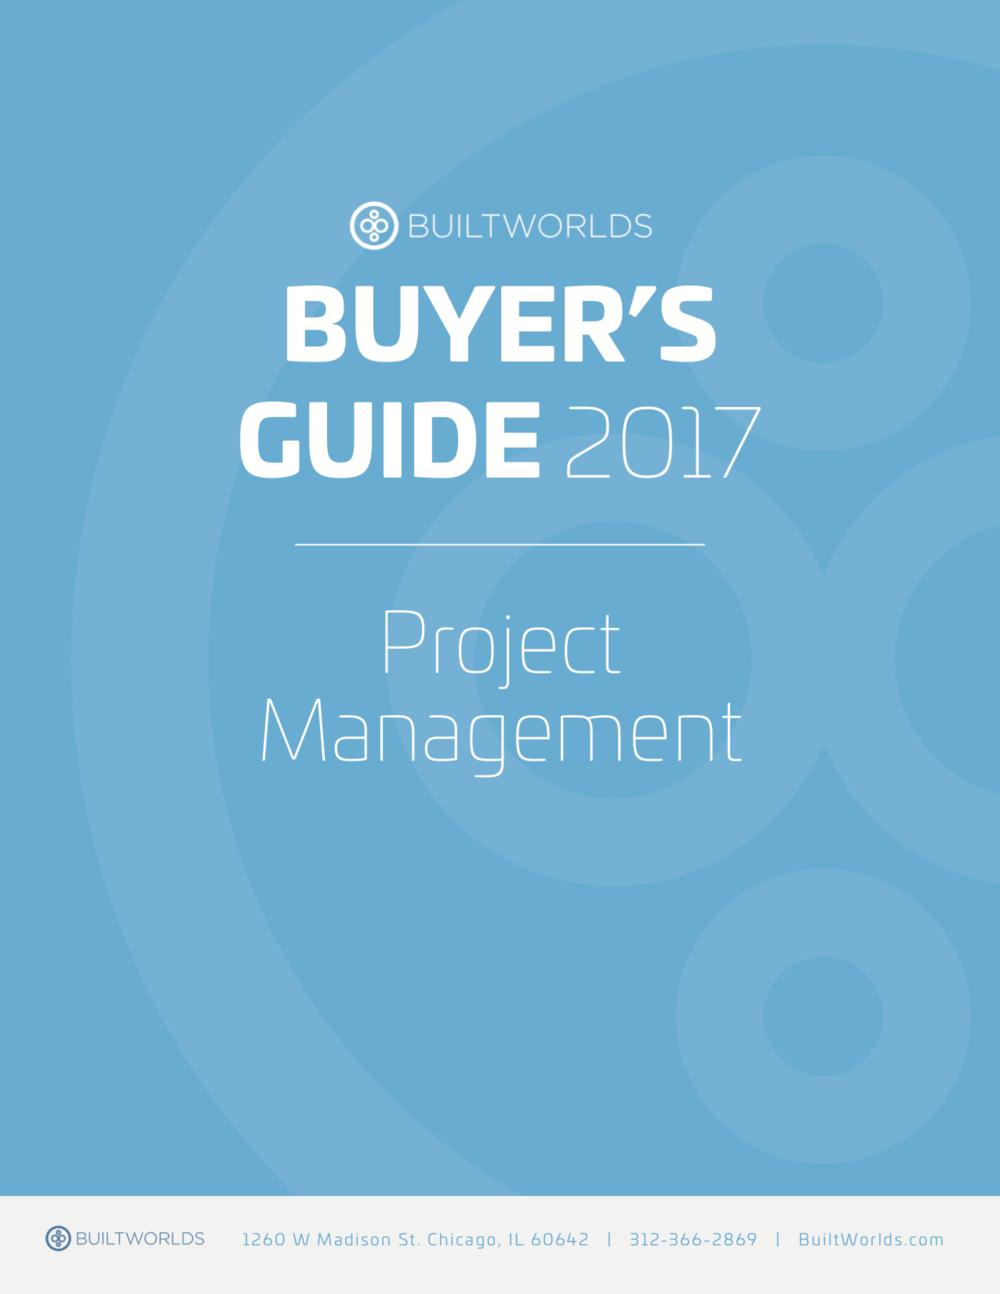 BuyersGuide_ProjectManagement_thumbnail.png